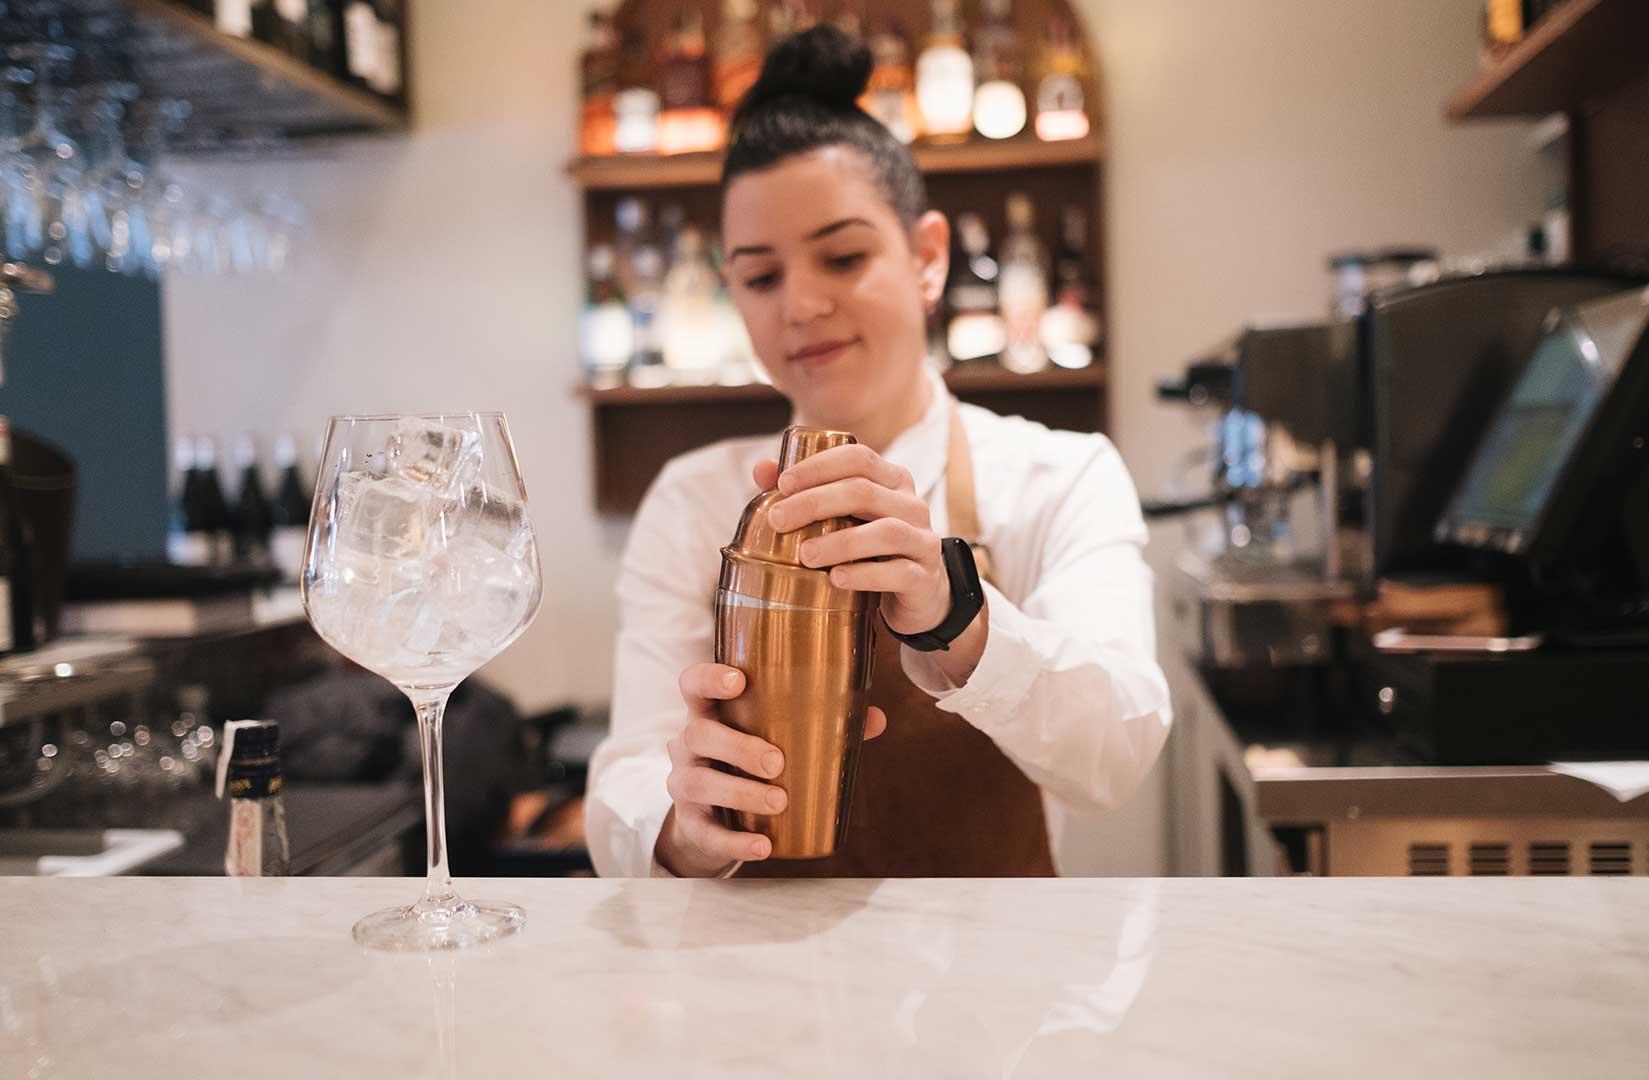 Nuestra camarera mezcla el coctel